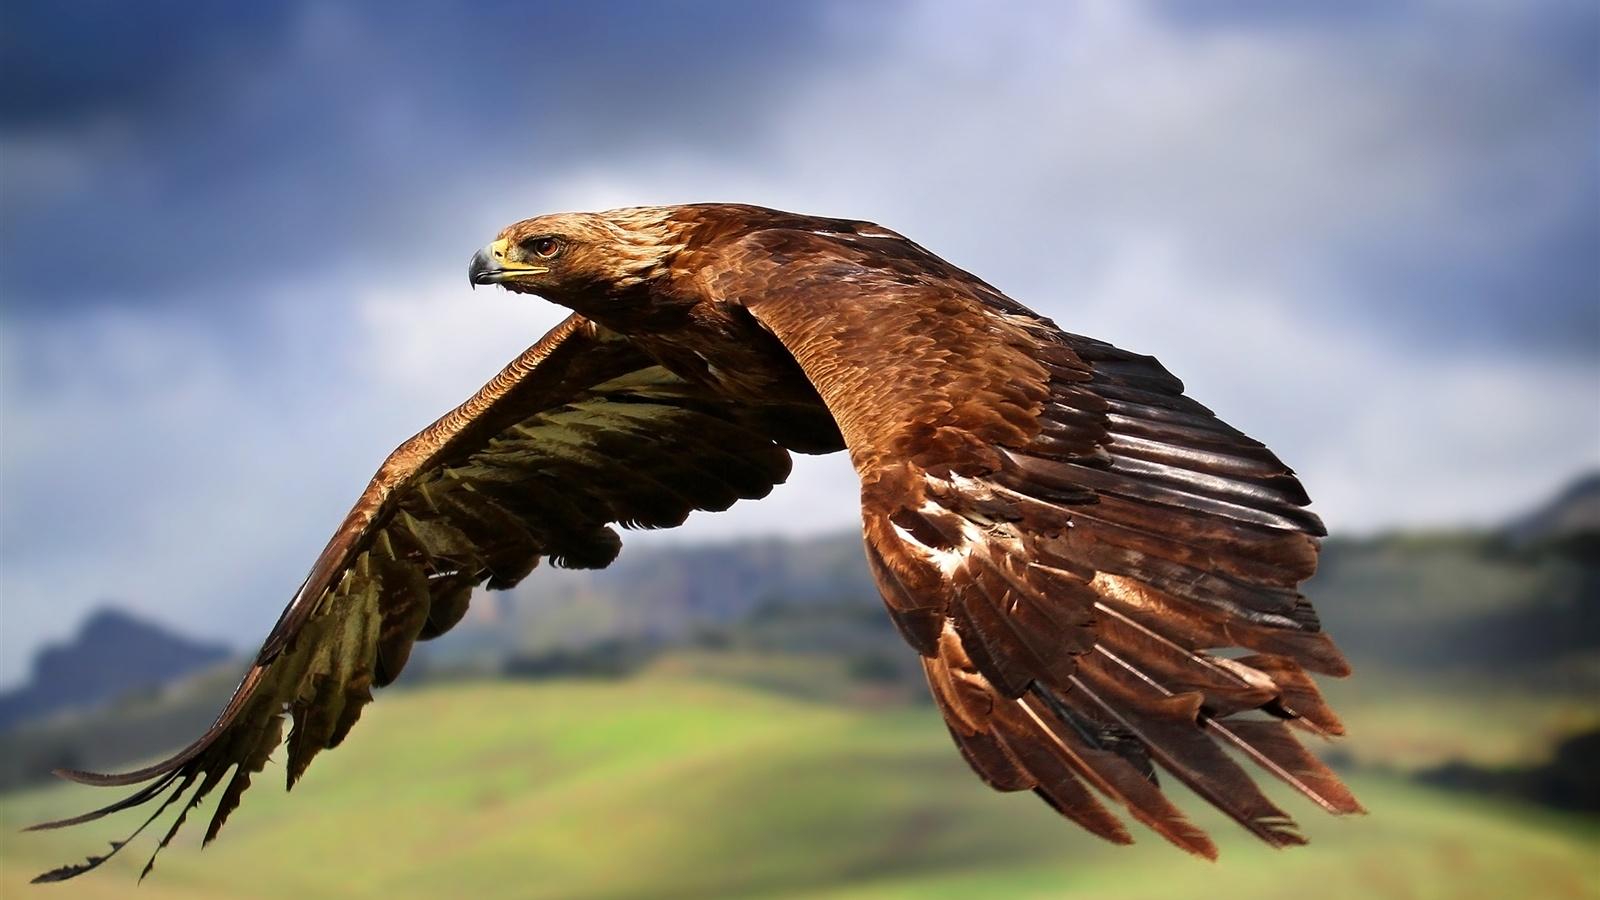 Aigle Qui Vole Dans Le Ciel Fonds D écran 1600x900 Description